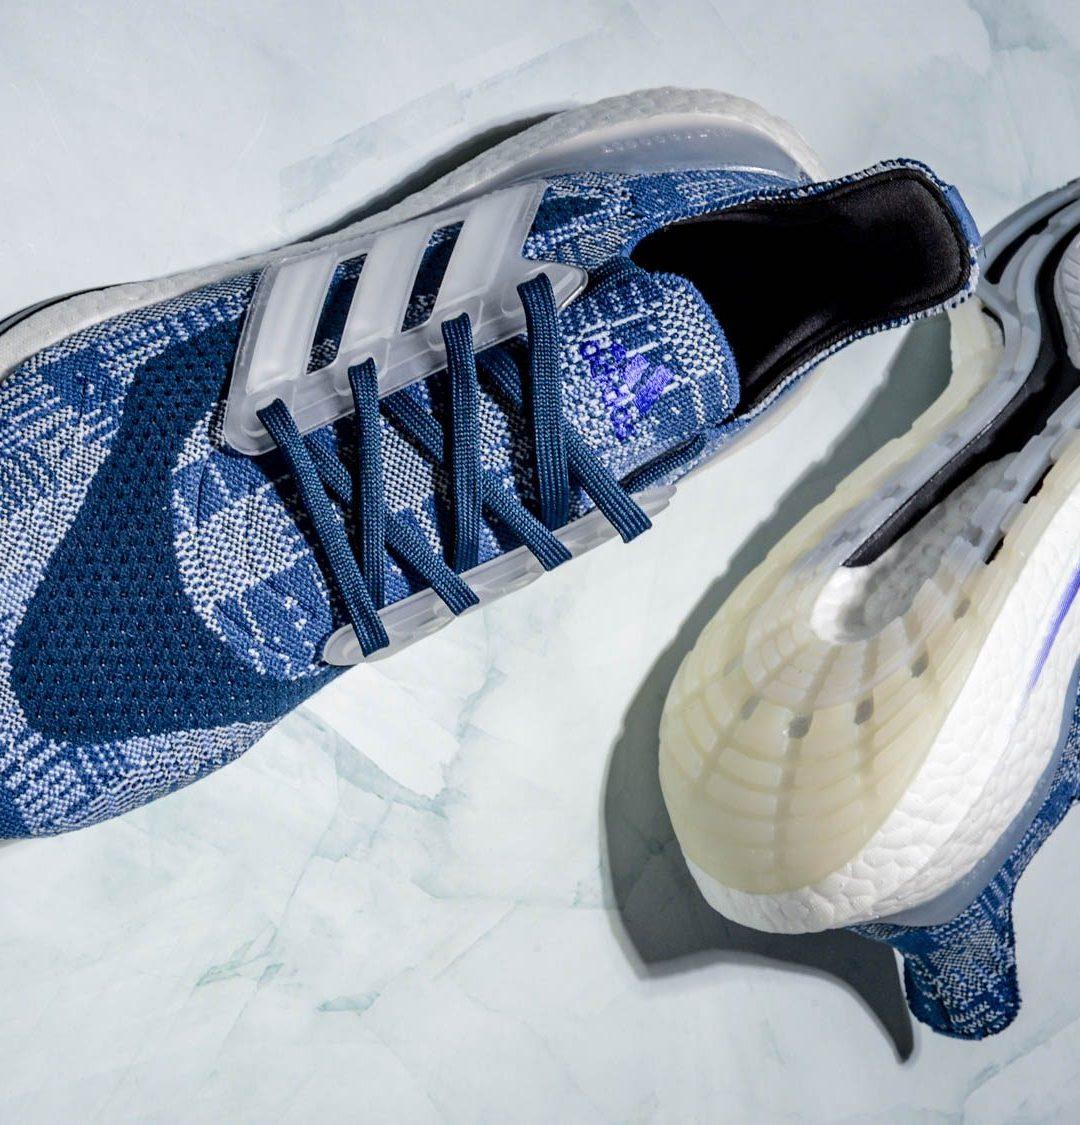 202105-adidas-ultraboost-21-primeblue-sustainable-9057-3